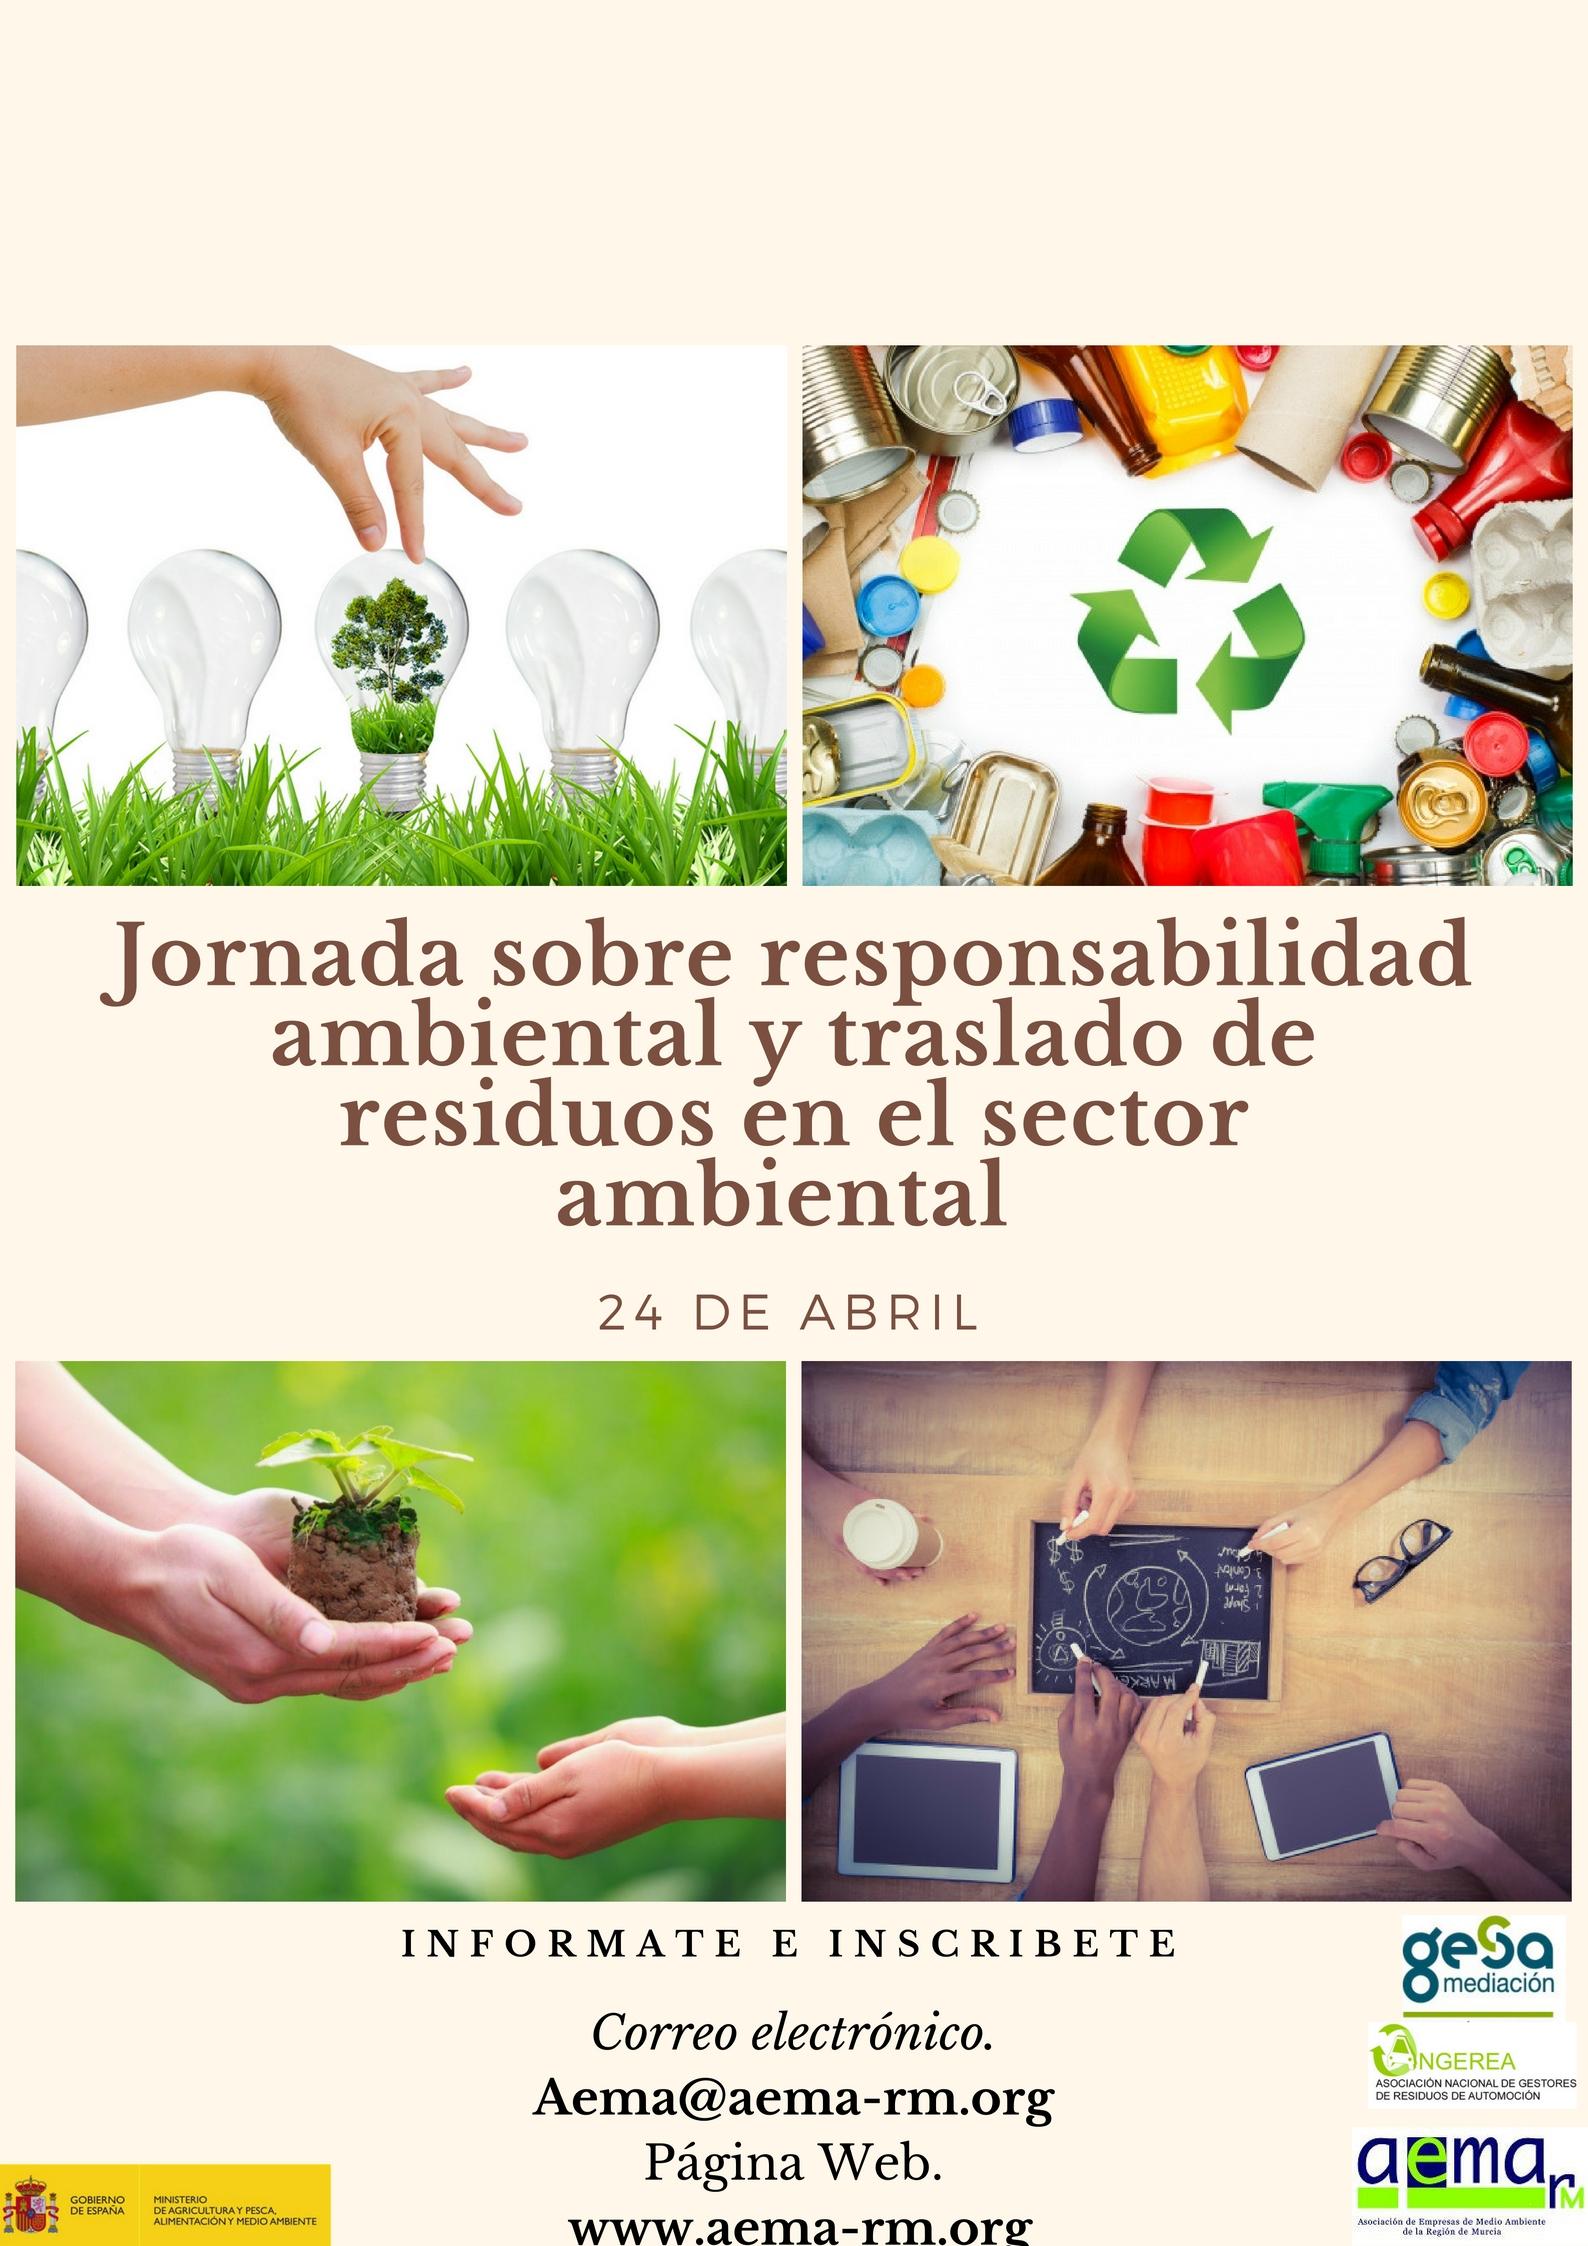 AEMA celebra el 24 de Abril una Jornada sobre TRASLADO de Residuos y Responsabilidad ambiental.